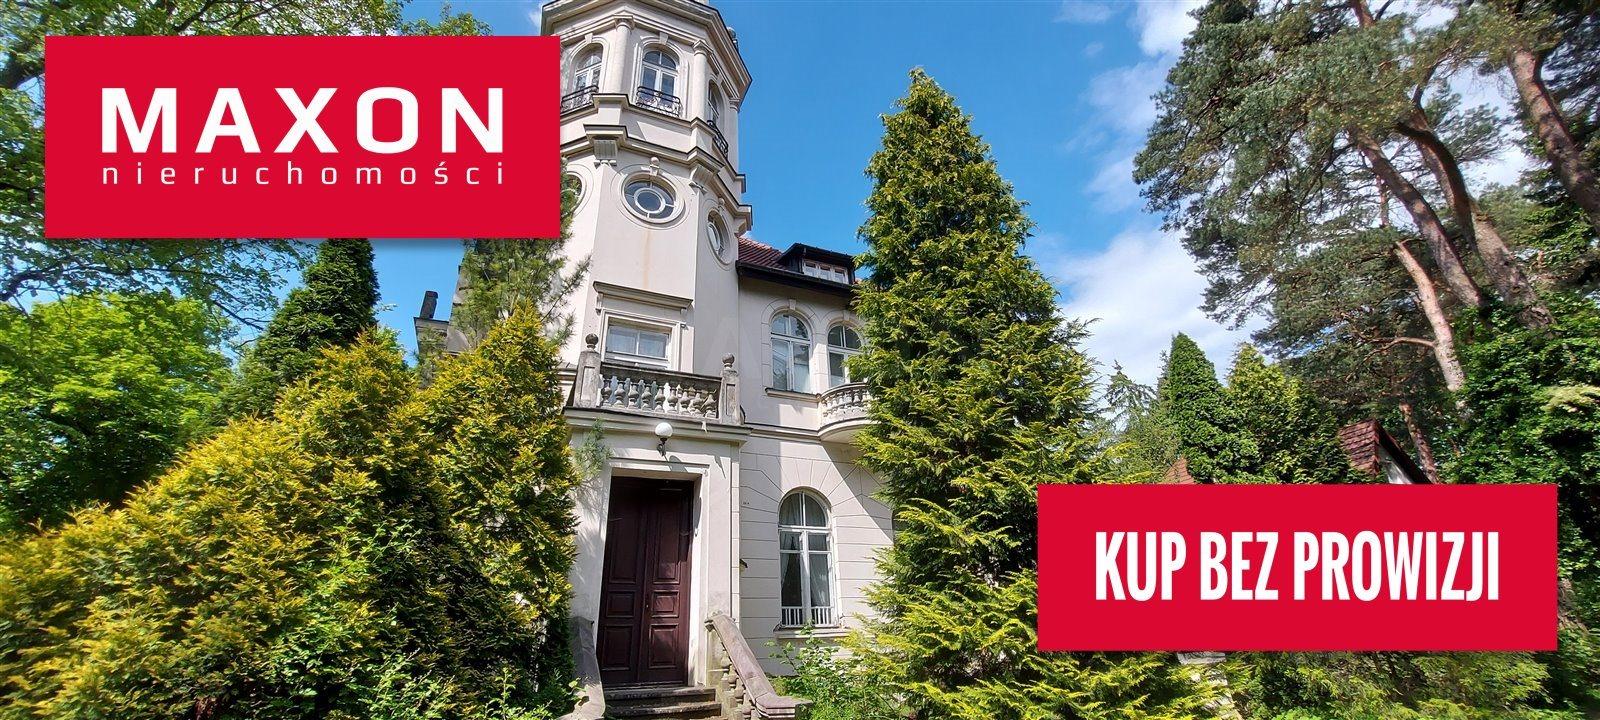 Dom na sprzedaż Konstancin-Jeziorna  1230m2 Foto 1